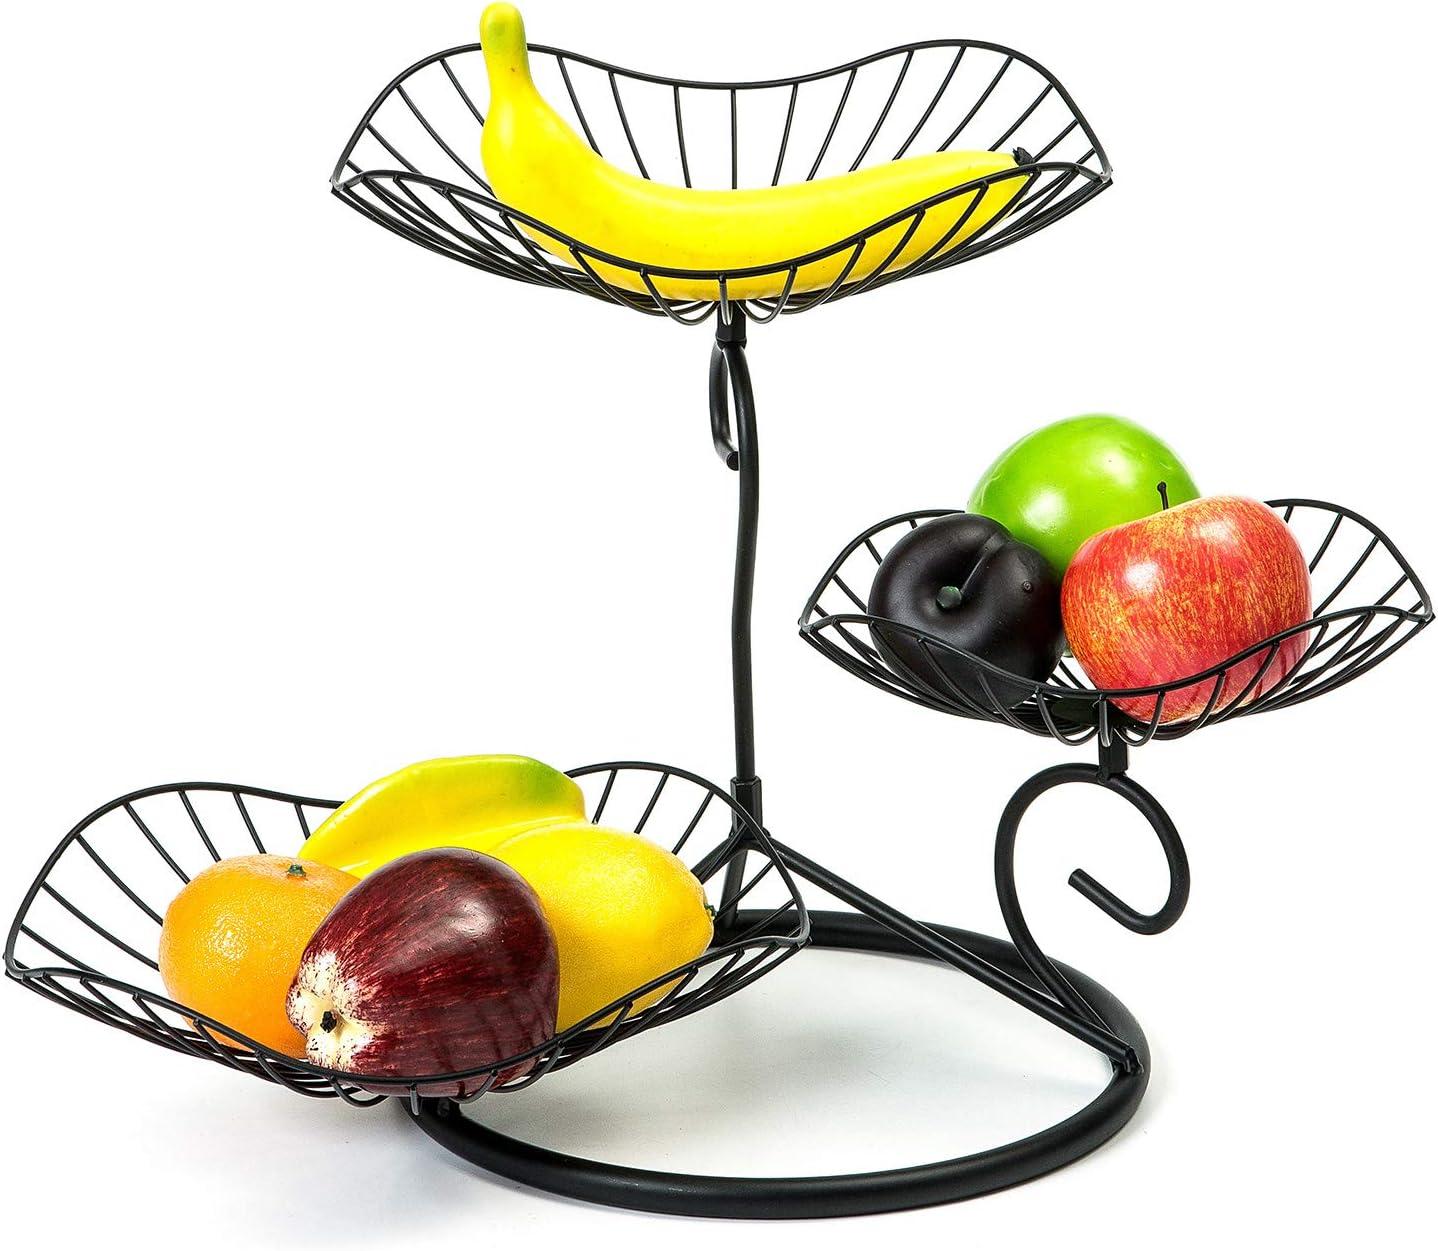 mossFlos 3-Tier Fruit Basket Holder, Decorative Fruit Bowls Stand Morden Style, Easy Installation - Black